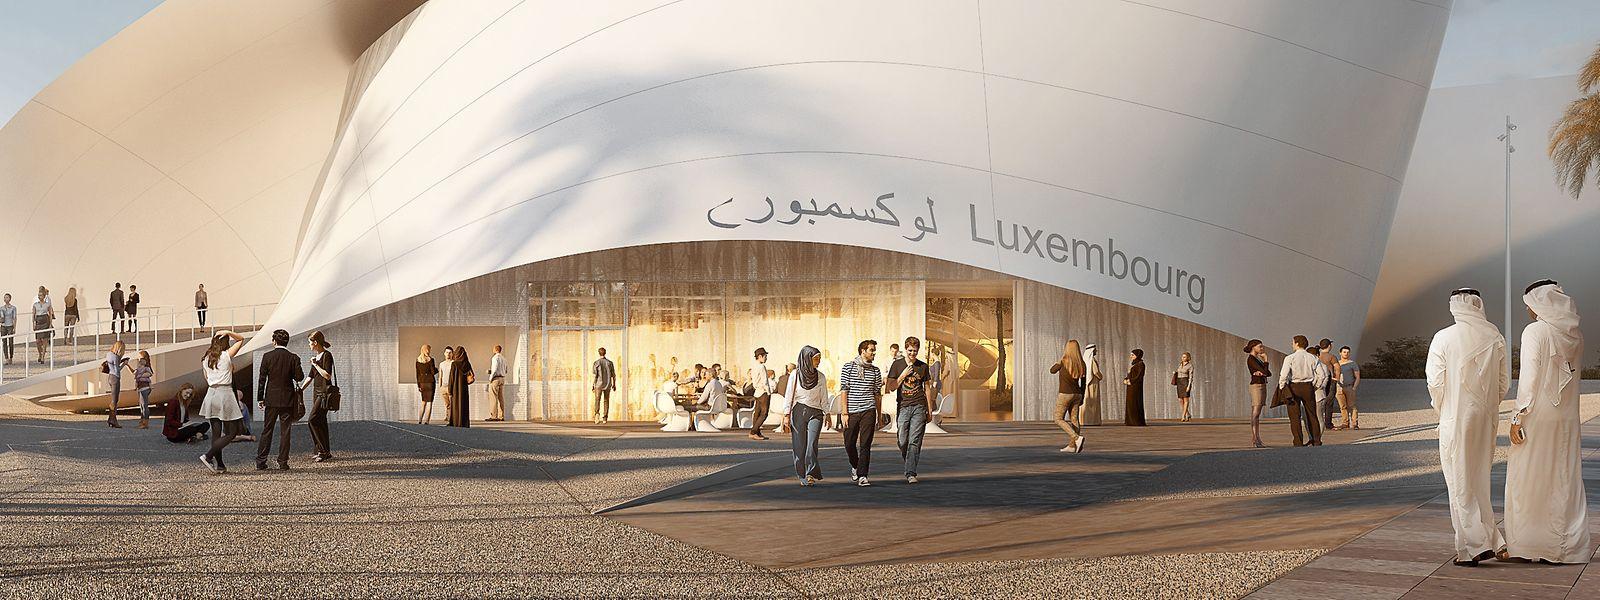 Dubai EXPO 2020, Weltausstellung, Luxemburger Pavillon - Luxemburg